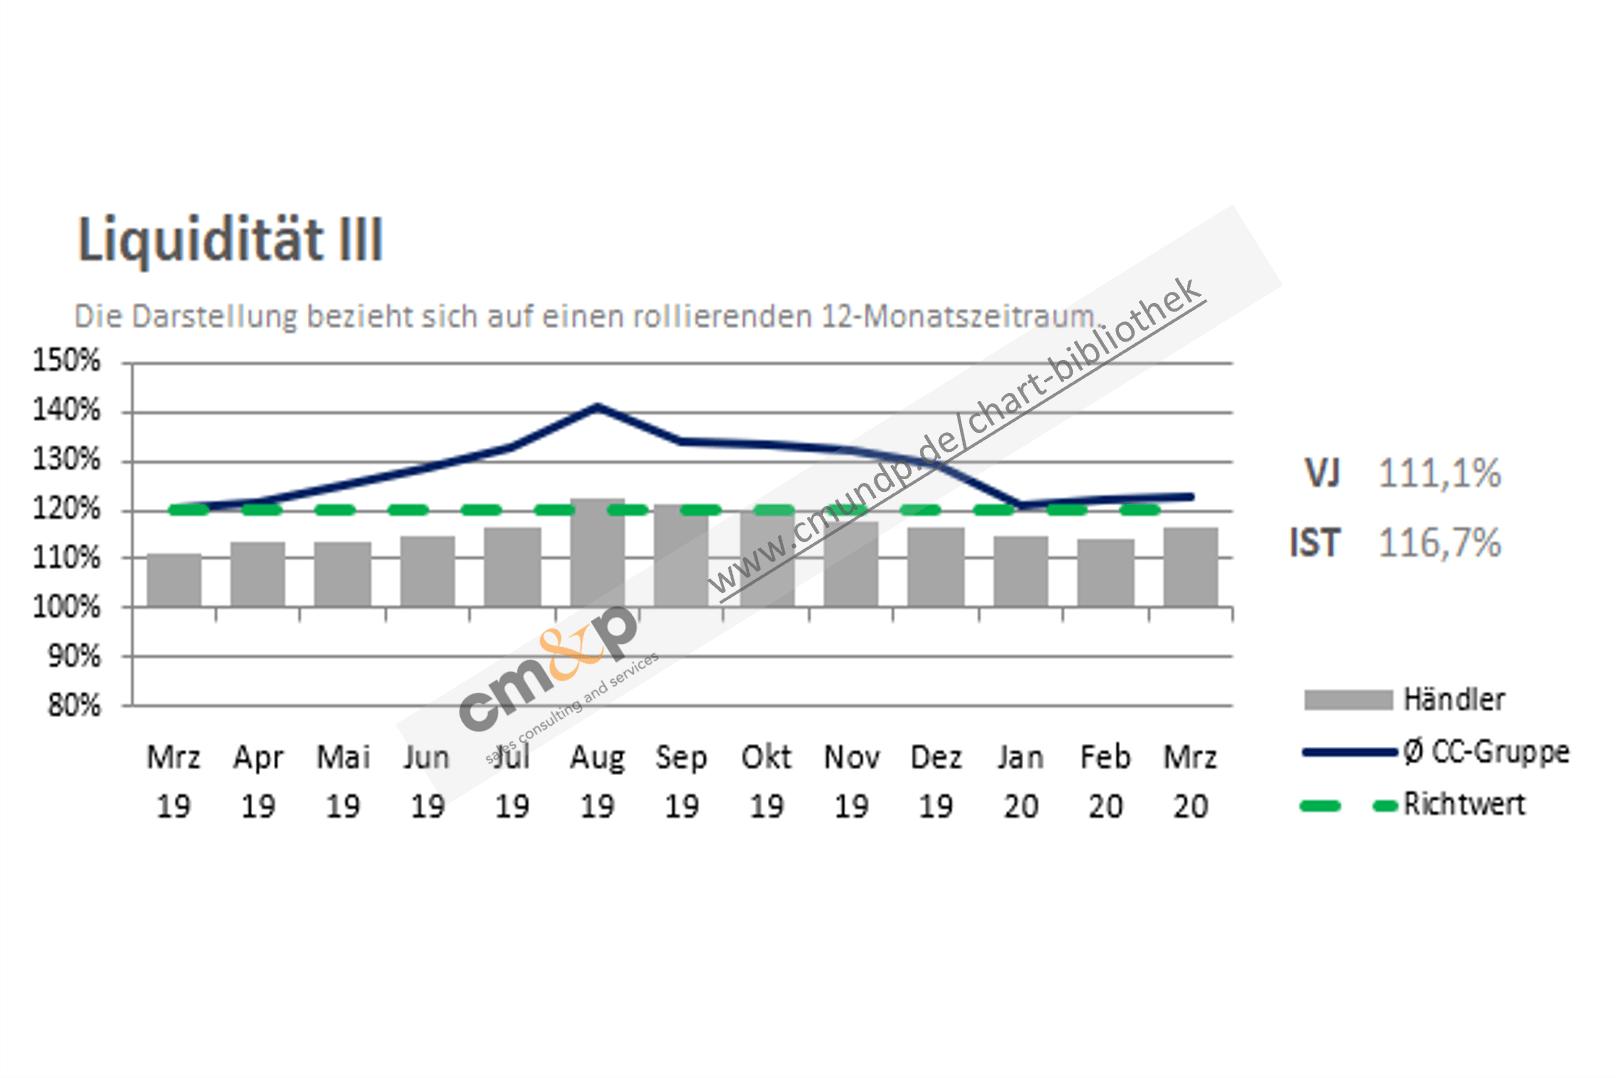 Darstellung der Liquidität 3. Grades des Händlers als Säulen in % über 13 Monate rollierend und als absolute Zahl als Vorjahres- und Istwert Richtwert der Liquidität 3.Grades als Linie in % Ø-Liquidität 3. Grades der Vergleichsgruppe als Linie in %